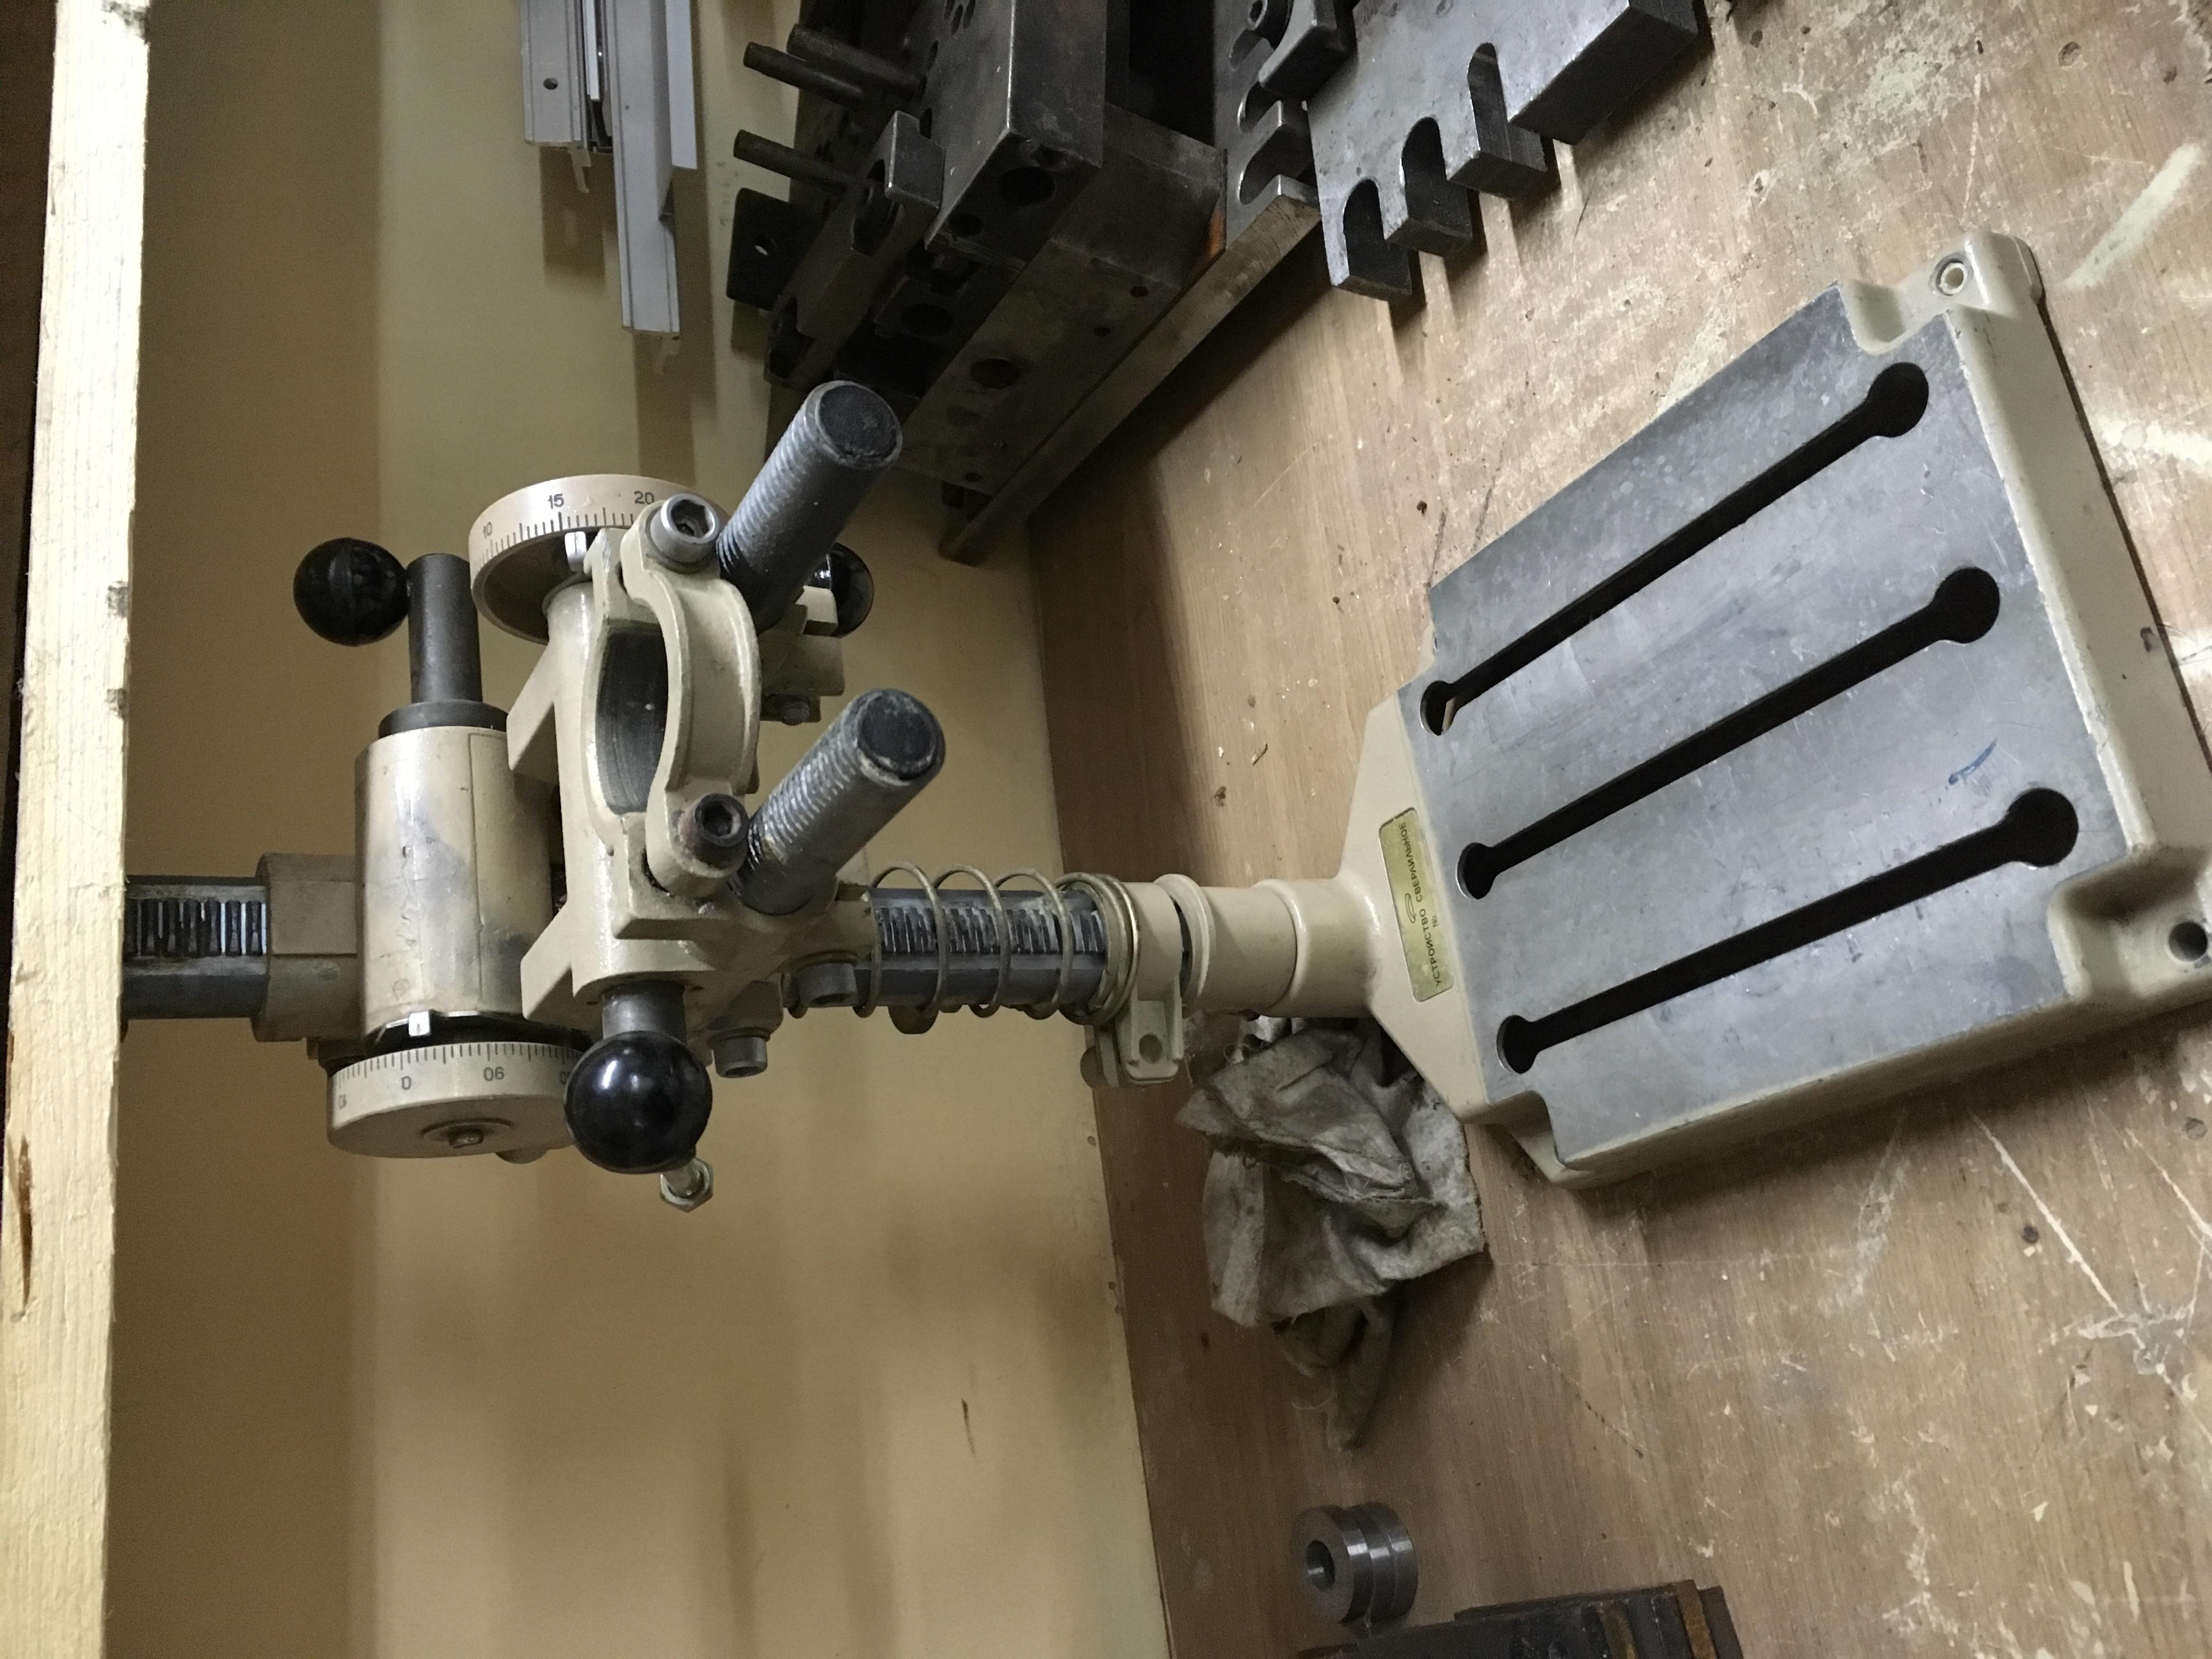 приспособление для вертикального сверления дрелью складские остатки